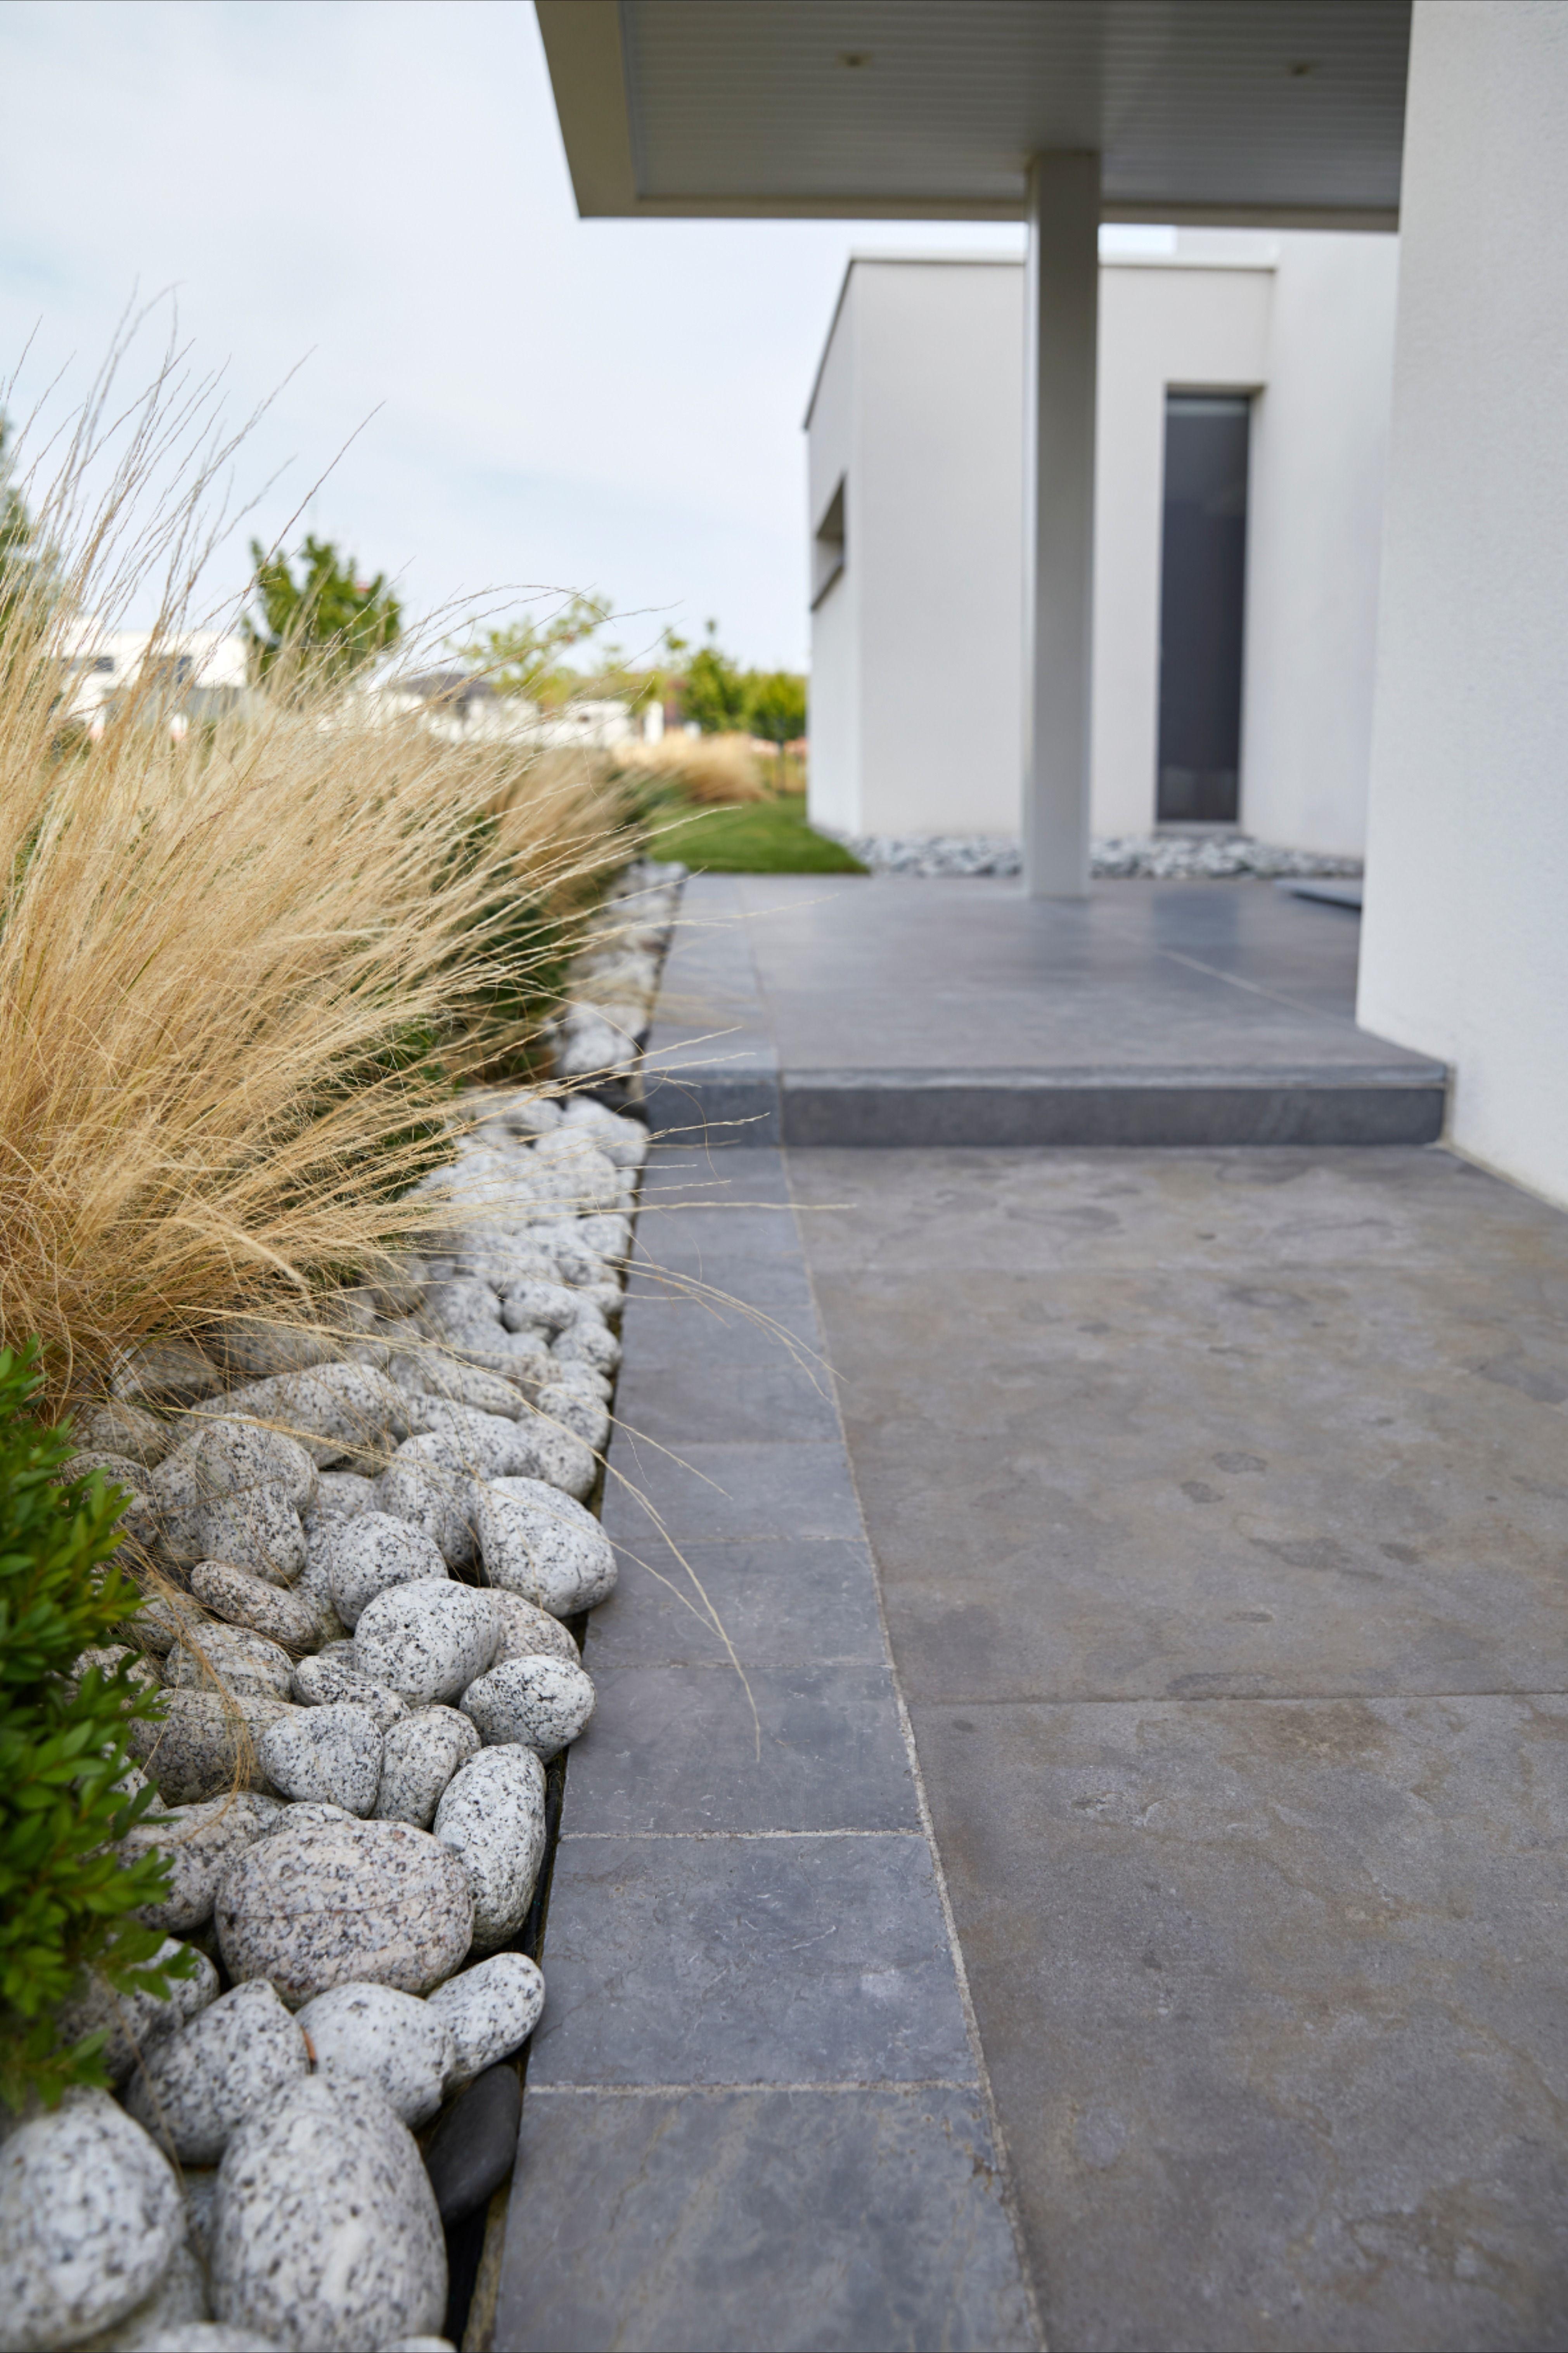 Une Terrasse A L Aspect Moderne Et Resolument Contemporain Qui Contraste Avec La Vegetalisation Castorama Inspirat En 2020 Amenagement Jardin Sol Exterieur Jardins